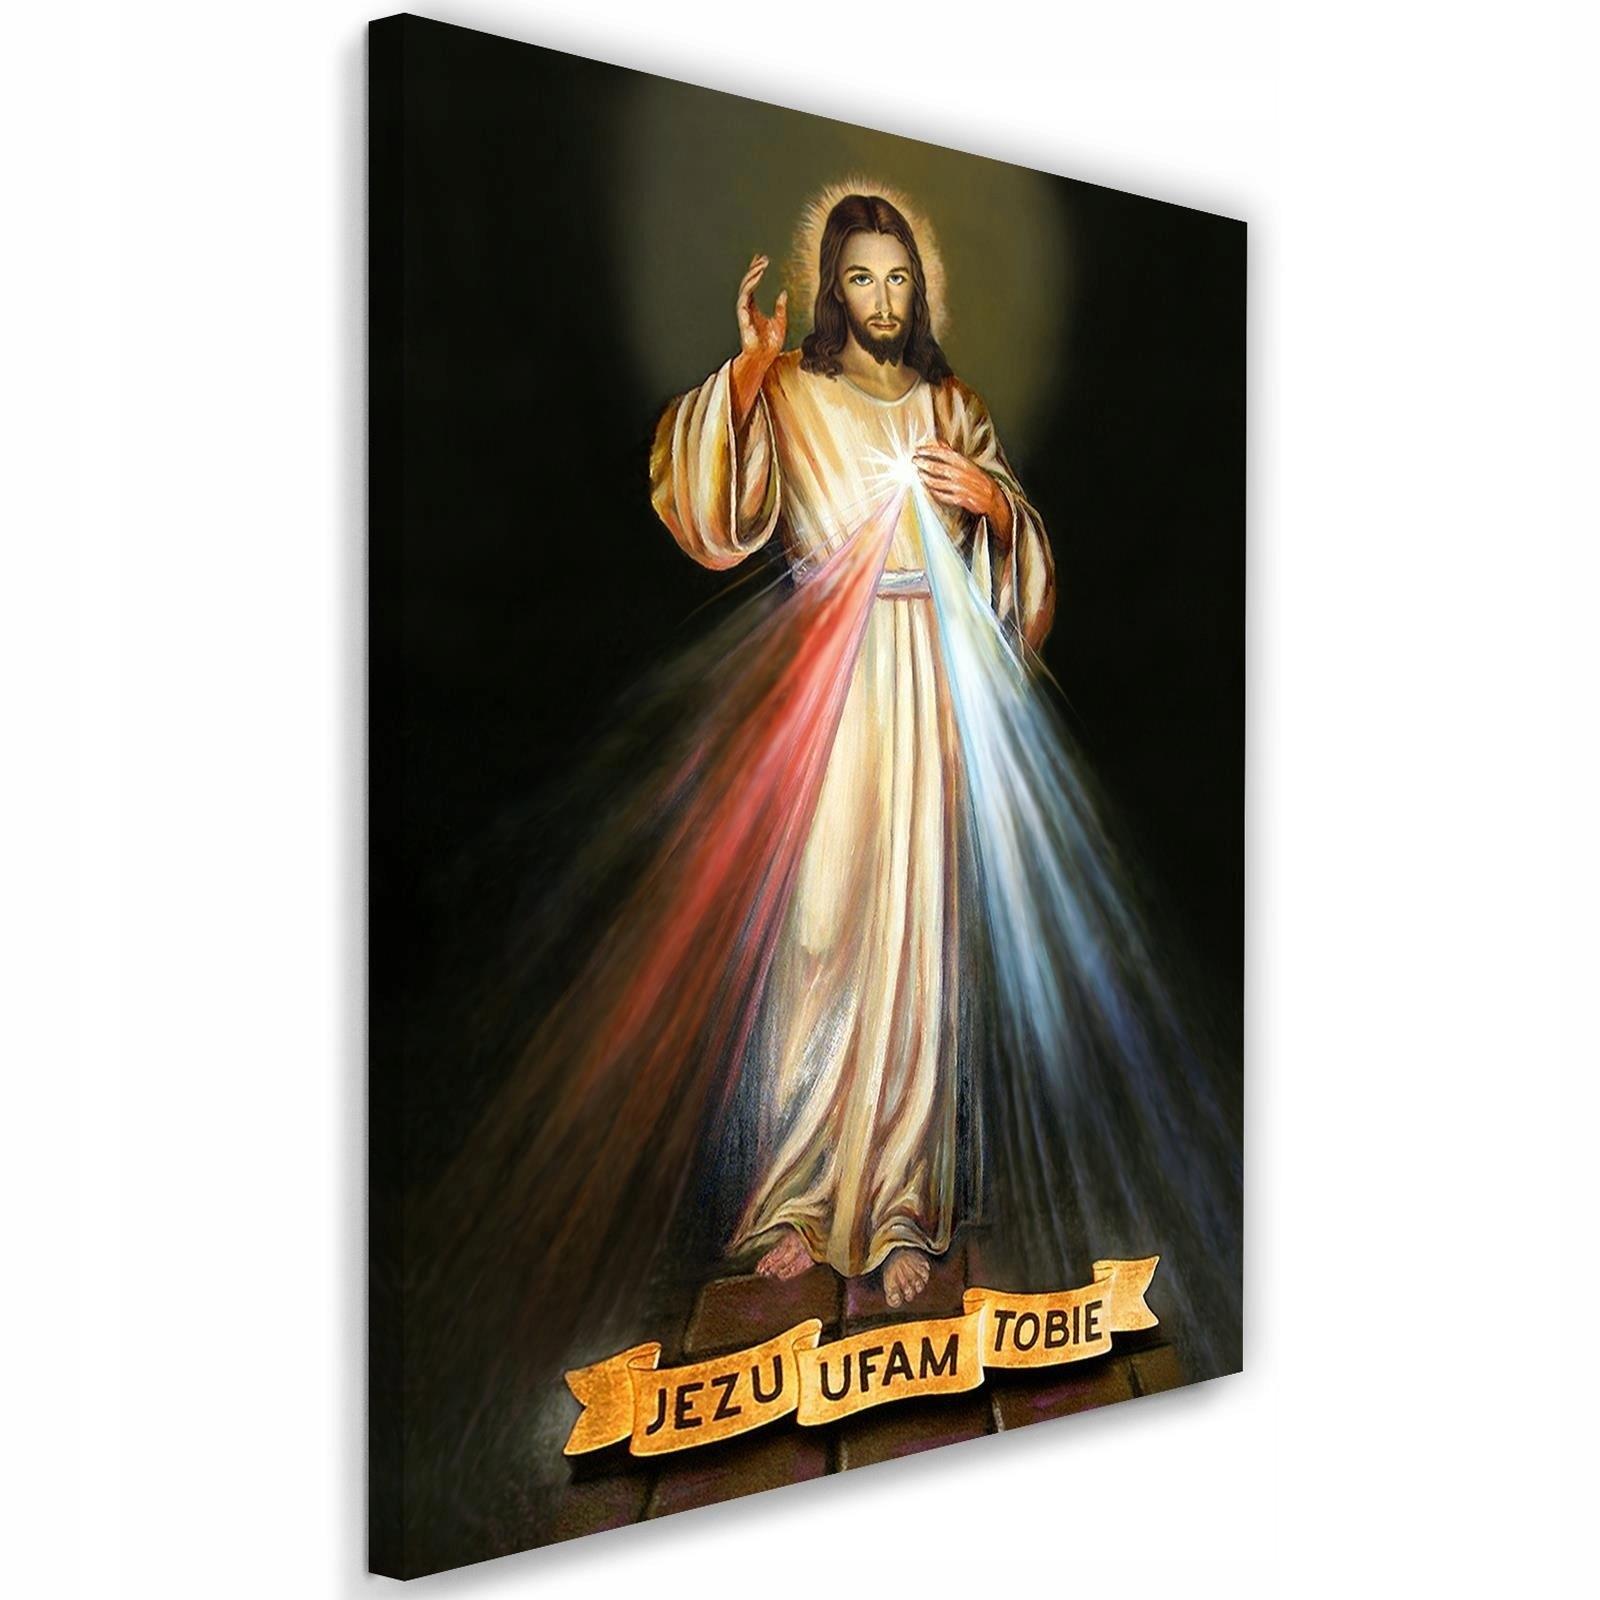 Иисус, я верю в тебя холст картина Canvas 70x100